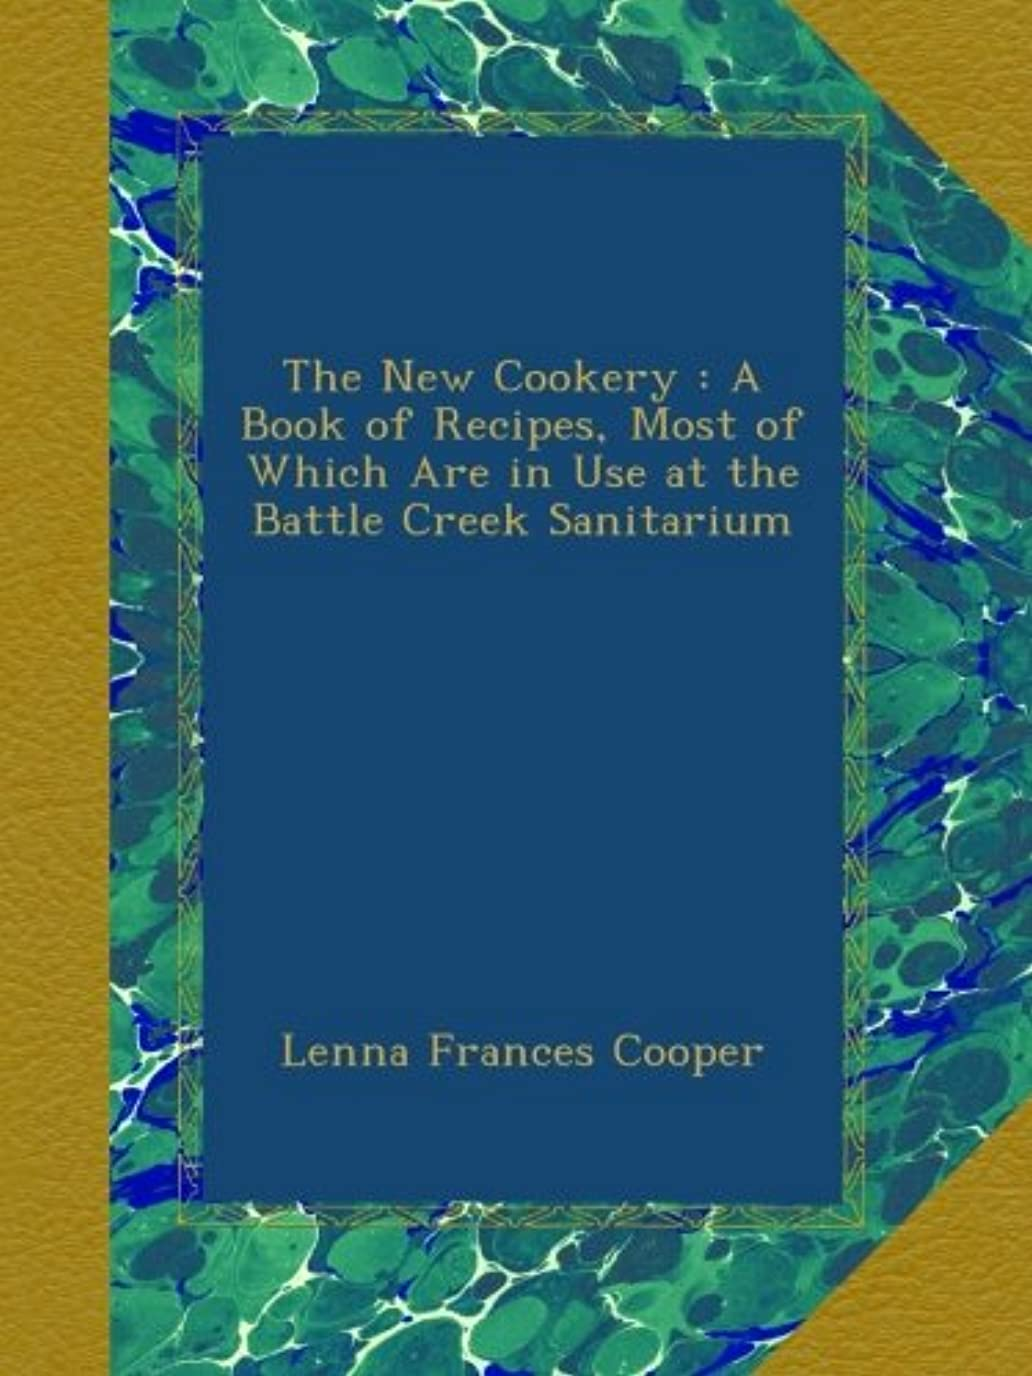 黒板証明する傾向がありますThe New Cookery : A Book of Recipes, Most of Which Are in Use at the Battle Creek Sanitarium